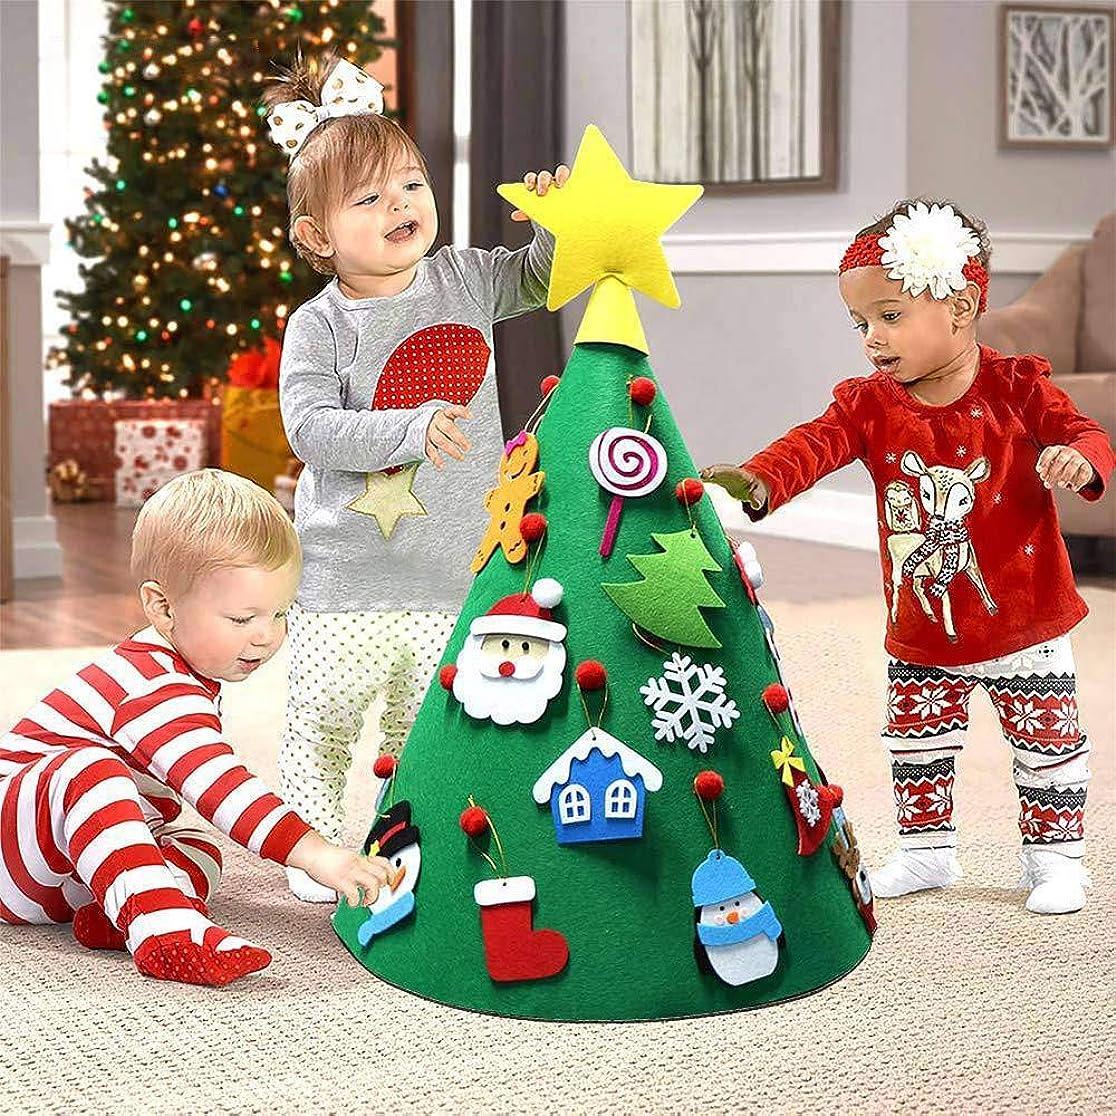 繊毛相談する罪GODTOON ミニクリスマスツリー 立体 DIY 子供 おもちゃ 景品 フェルト クリスマスツリー クリスマス 飾り 壁掛け 手作り 18個セット 取り外し 可能 デコレーション 50cmx70cm (A)